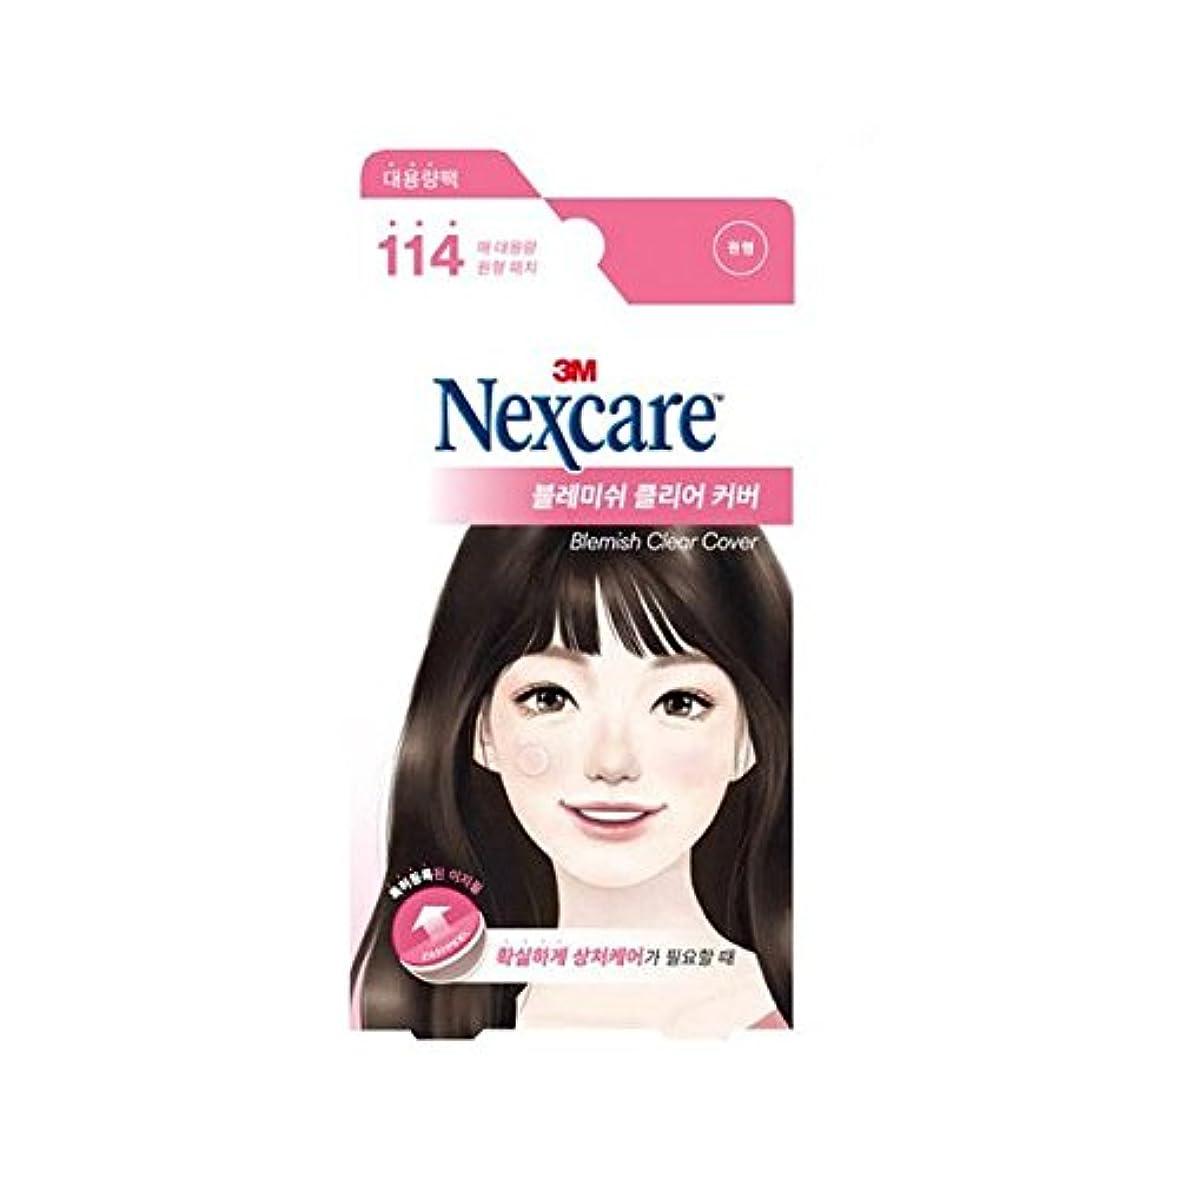 言い直すスピーカー水星[New] 3M Nexcare Blemish Clear Cover Easy Peel 114 Patches/3M ネクスケア ブレミッシュ クリア カバー イージー ピール 114パッチ入り [並行輸入品]